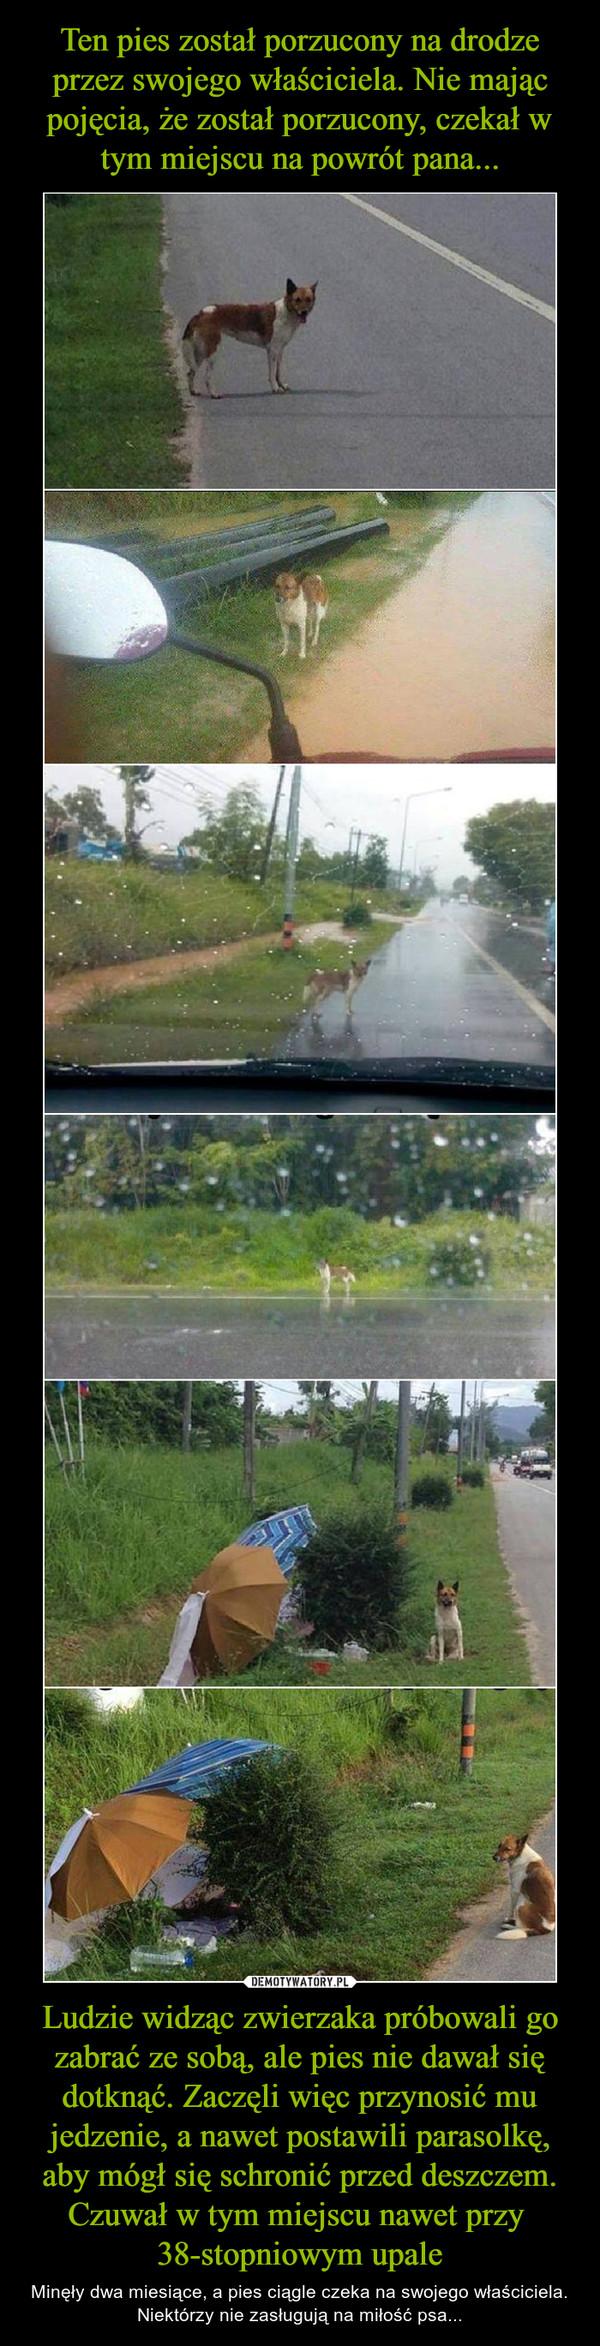 Ludzie widząc zwierzaka próbowali go zabrać ze sobą, ale pies nie dawał się dotknąć. Zaczęli więc przynosić mu jedzenie, a nawet postawili parasolkę, aby mógł się schronić przed deszczem. Czuwał w tym miejscu nawet przy 38-stopniowym upale – Minęły dwa miesiące, a pies ciągle czeka na swojego właściciela. Niektórzy nie zasługują na miłość psa...